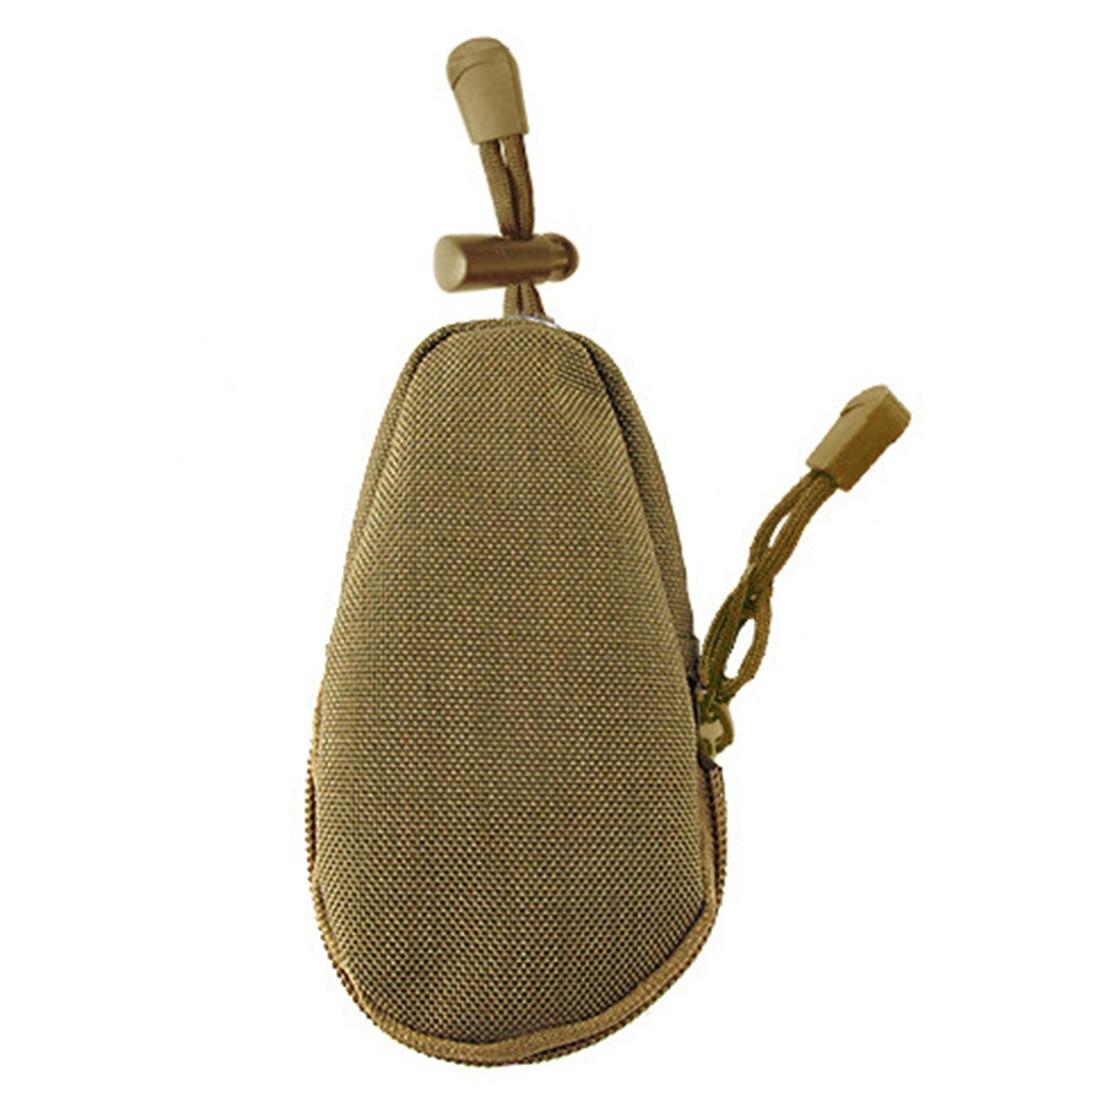 1 Pcs Oxford Tuch Schlüssel Tasche Geld Zipper Münze Tasche Außen Edc Werkzeuge Schlüssel Fall Militär Outdoor Camping Edc Airsoft Taktische Tasche #925